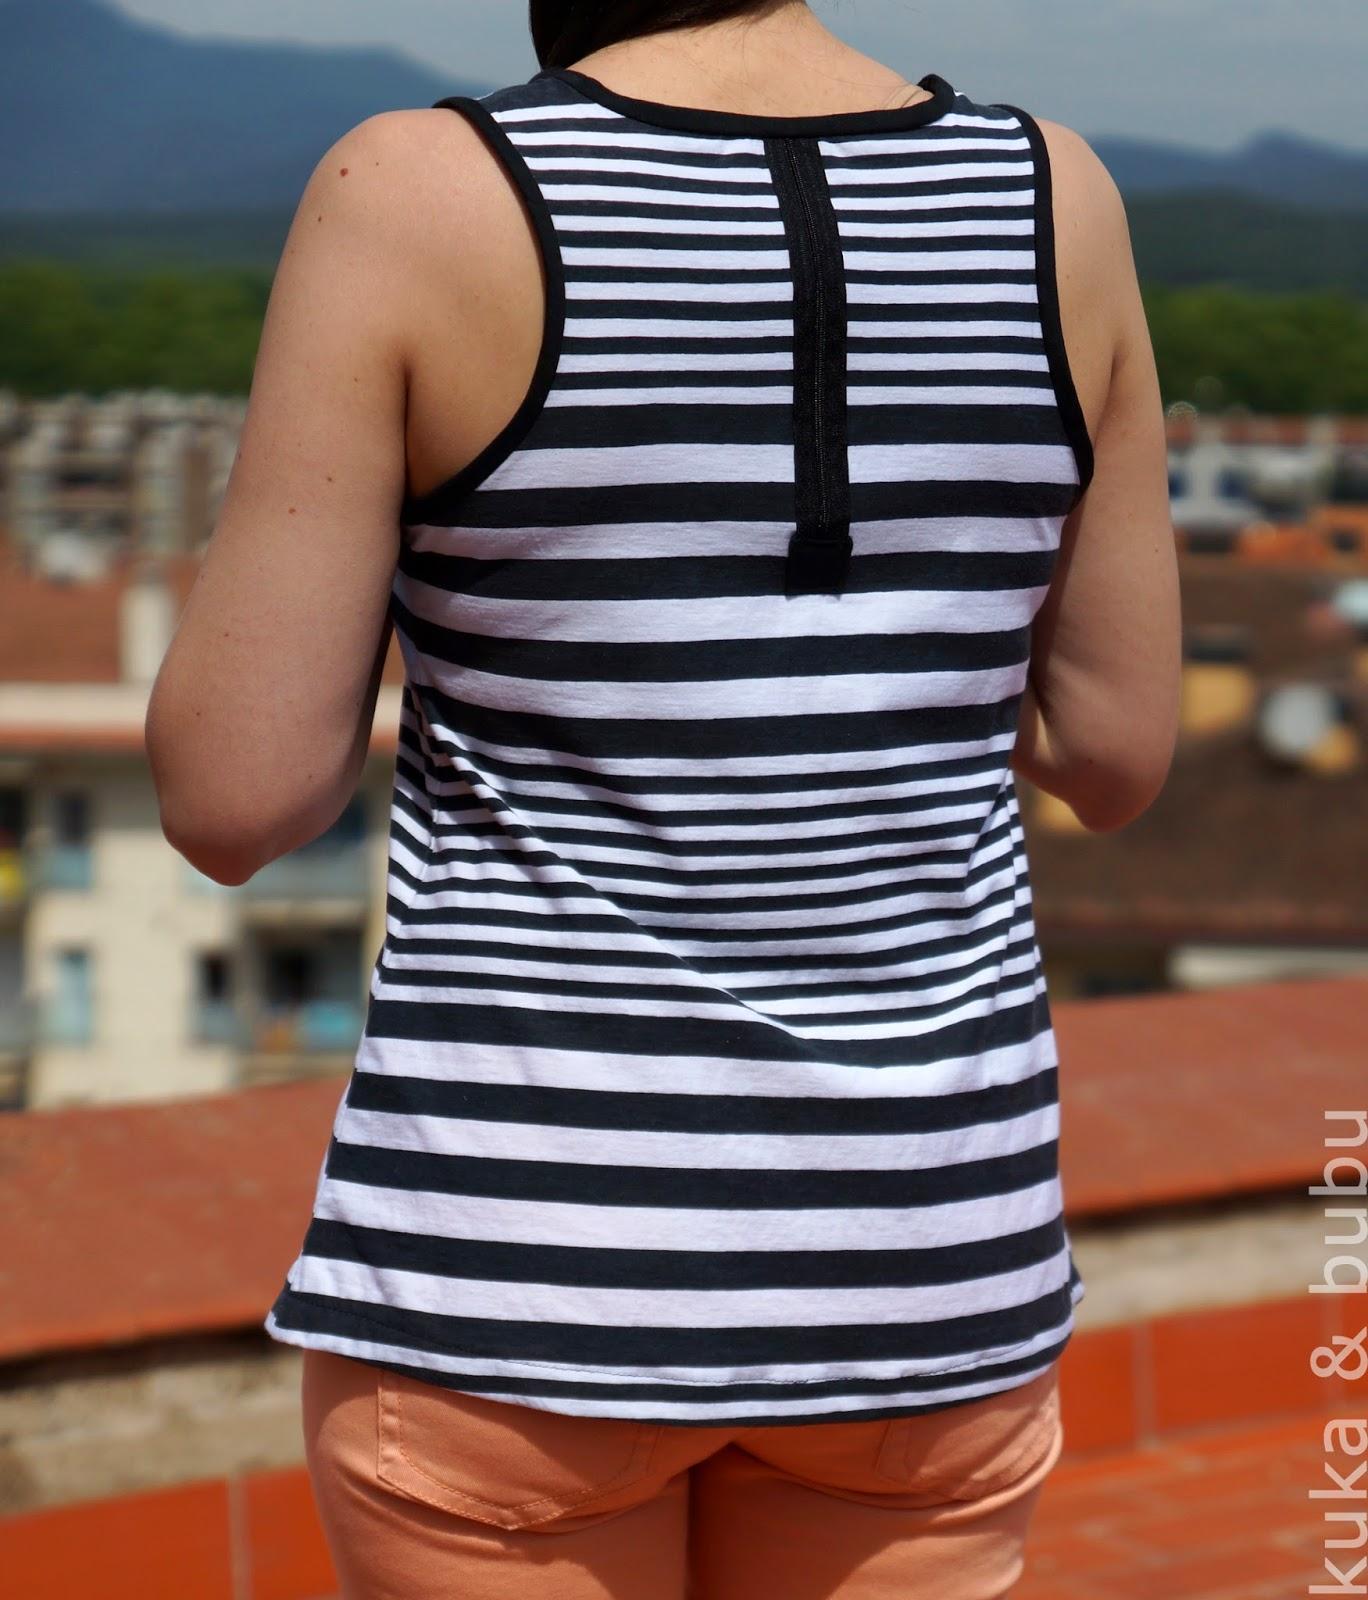 http://kukaandbubu.blogspot.com.es/2014/05/tank-top-camiseta-de-tirantes.html